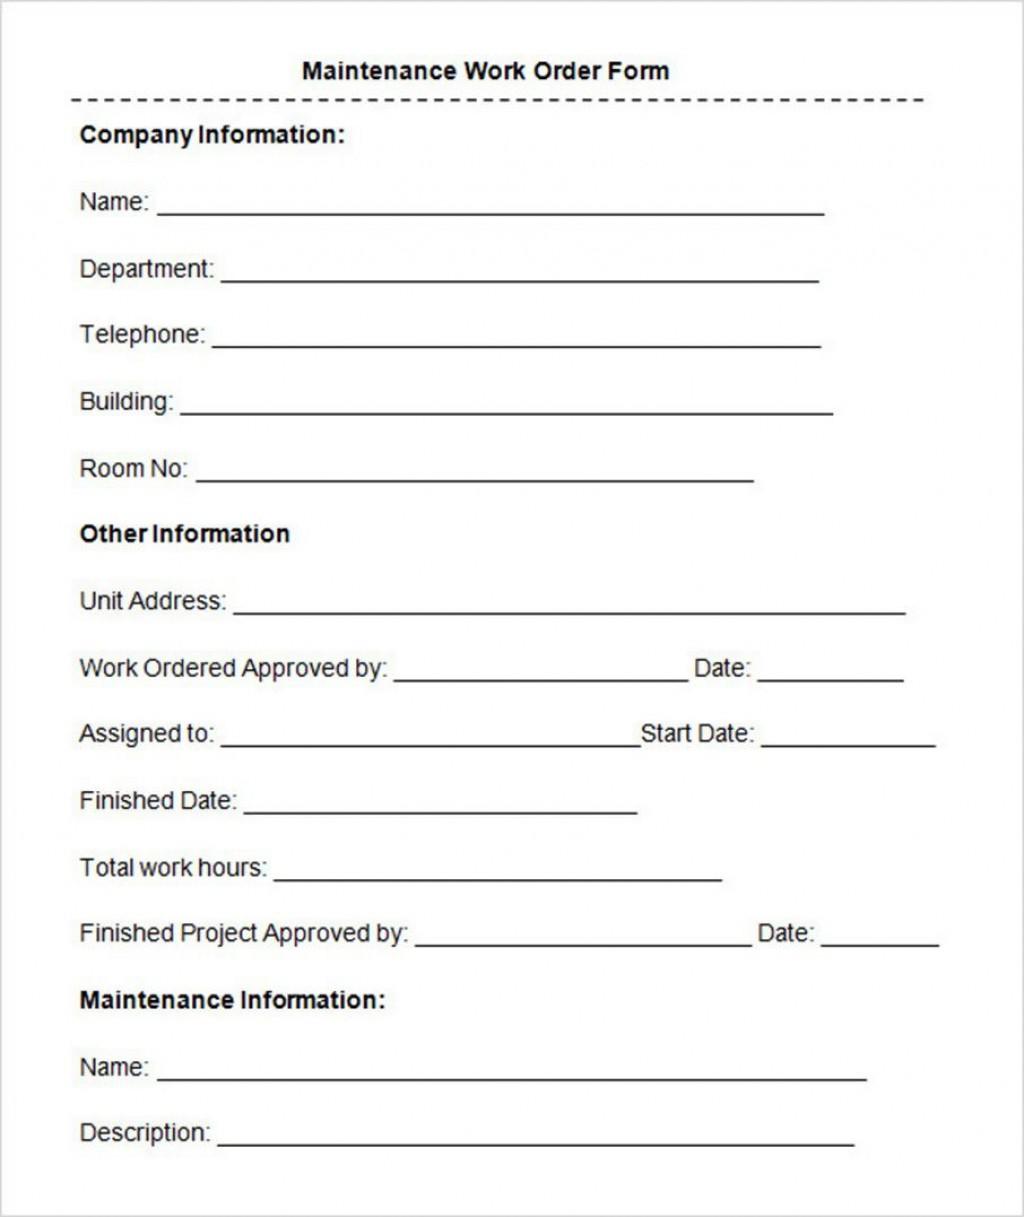 008 Marvelou Maintenance Work Order Template Design  Form Free SampleLarge